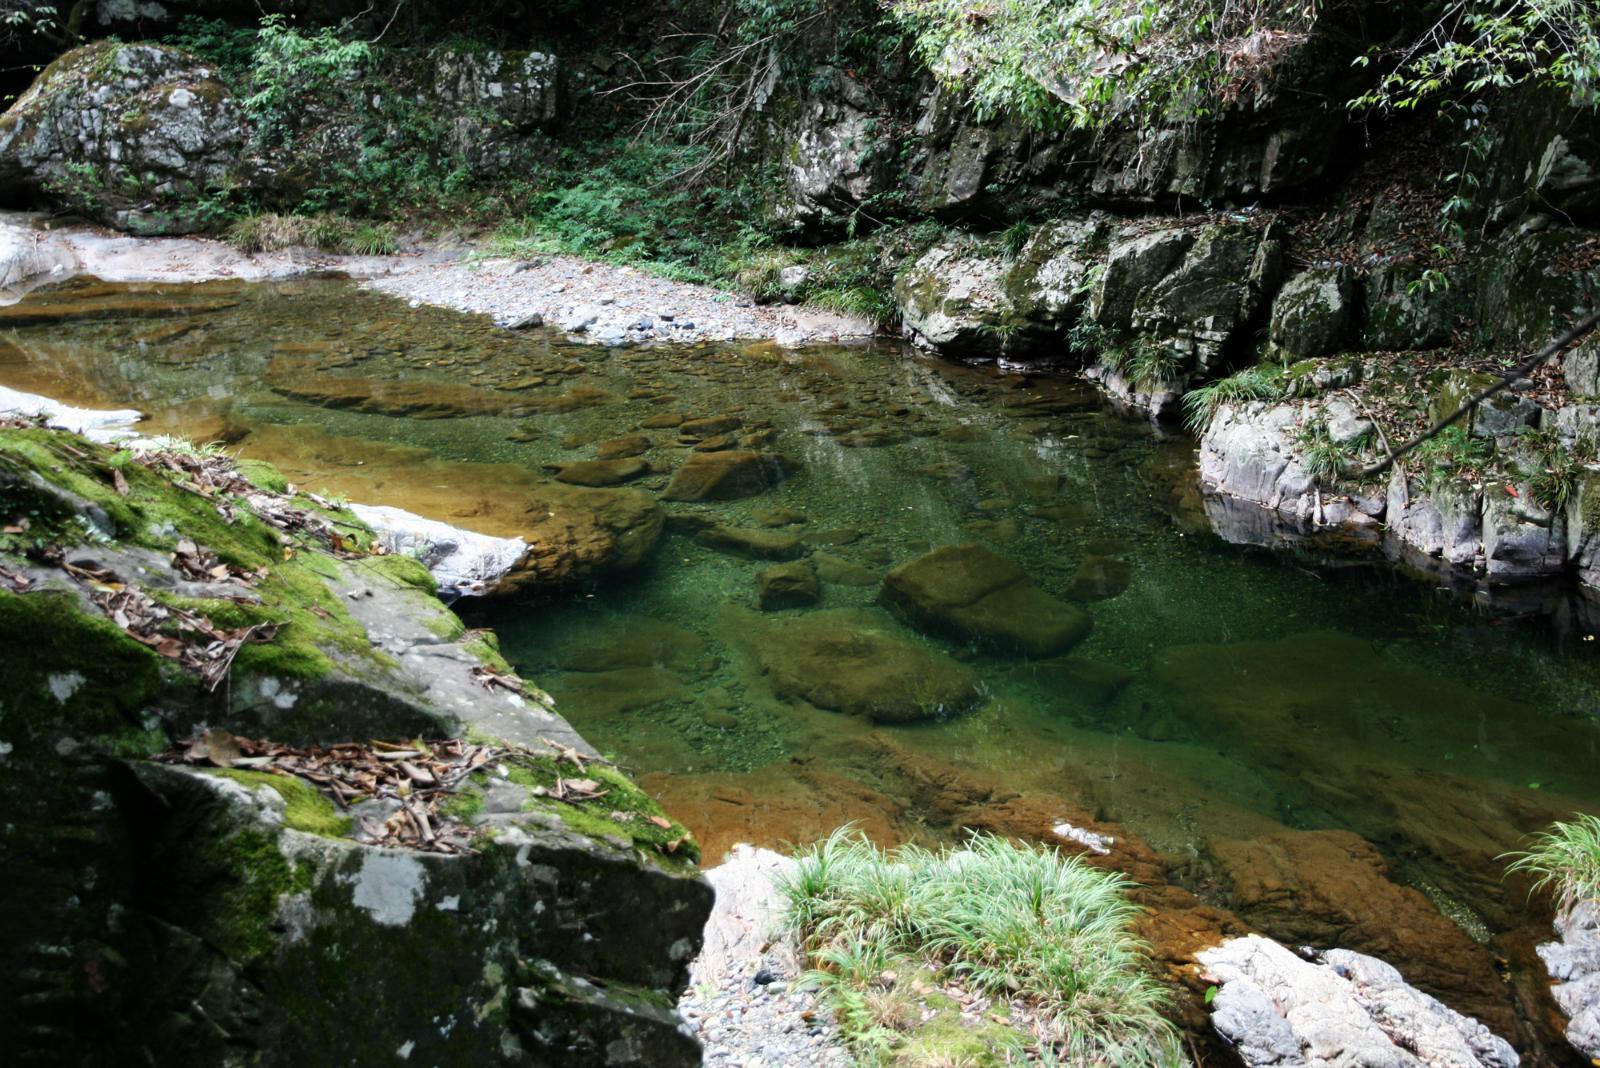 小溪原始森林景观,神秘诱人